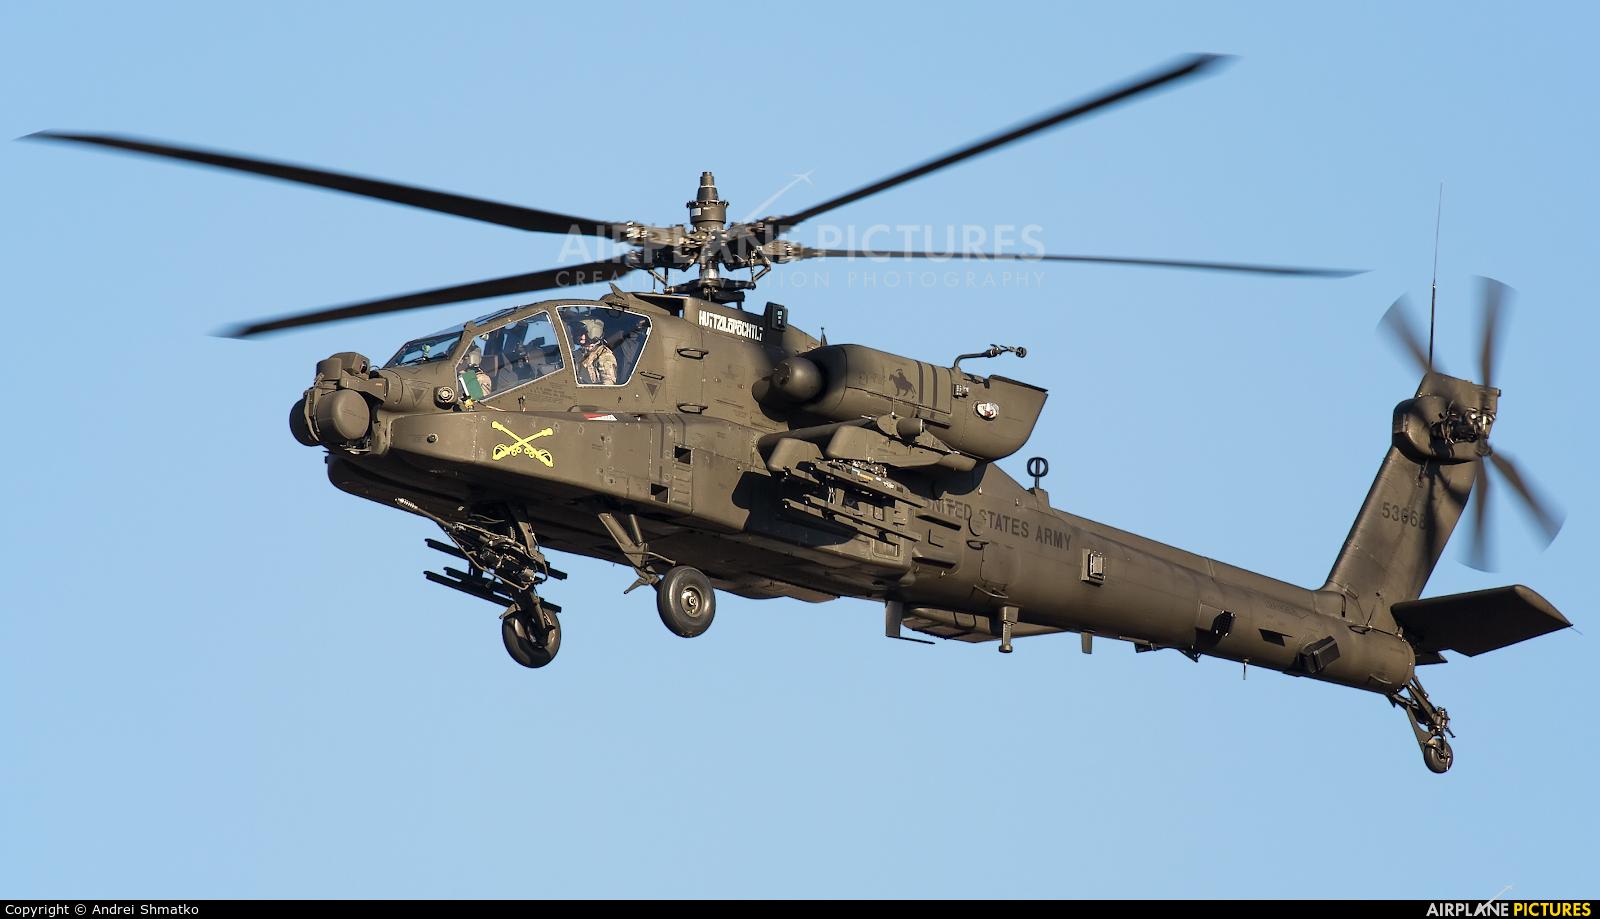 USA - Army 15-03068 aircraft at Off Airport - South Korea